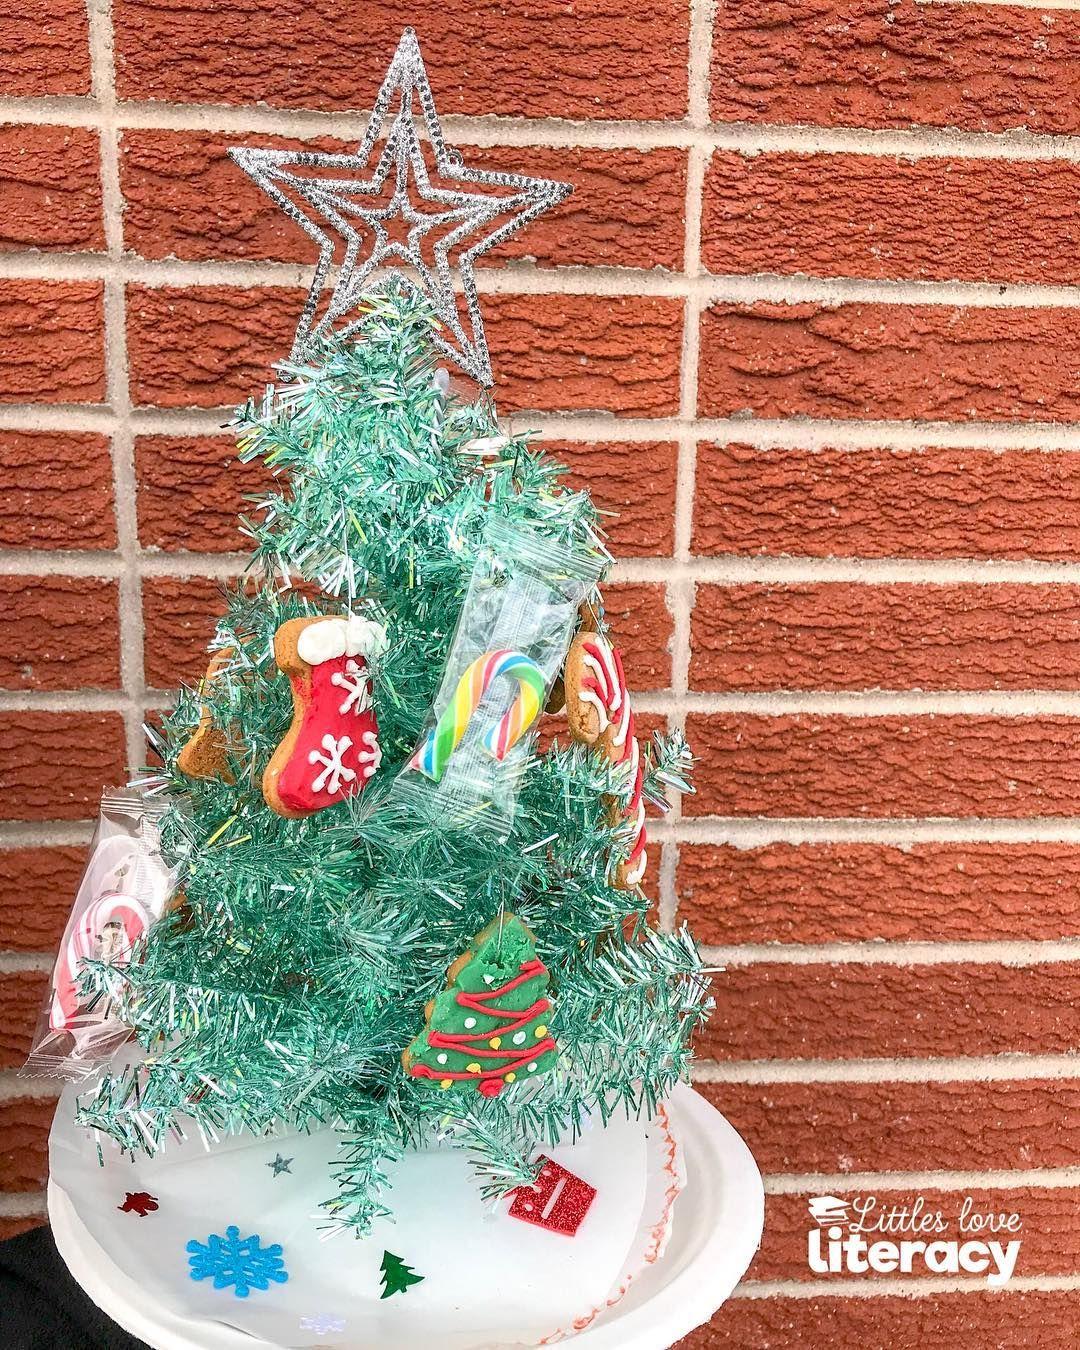 Christmas Cookies Display Christmas Activities For Kids Christmas Literacy Ribbon On Christmas Tree